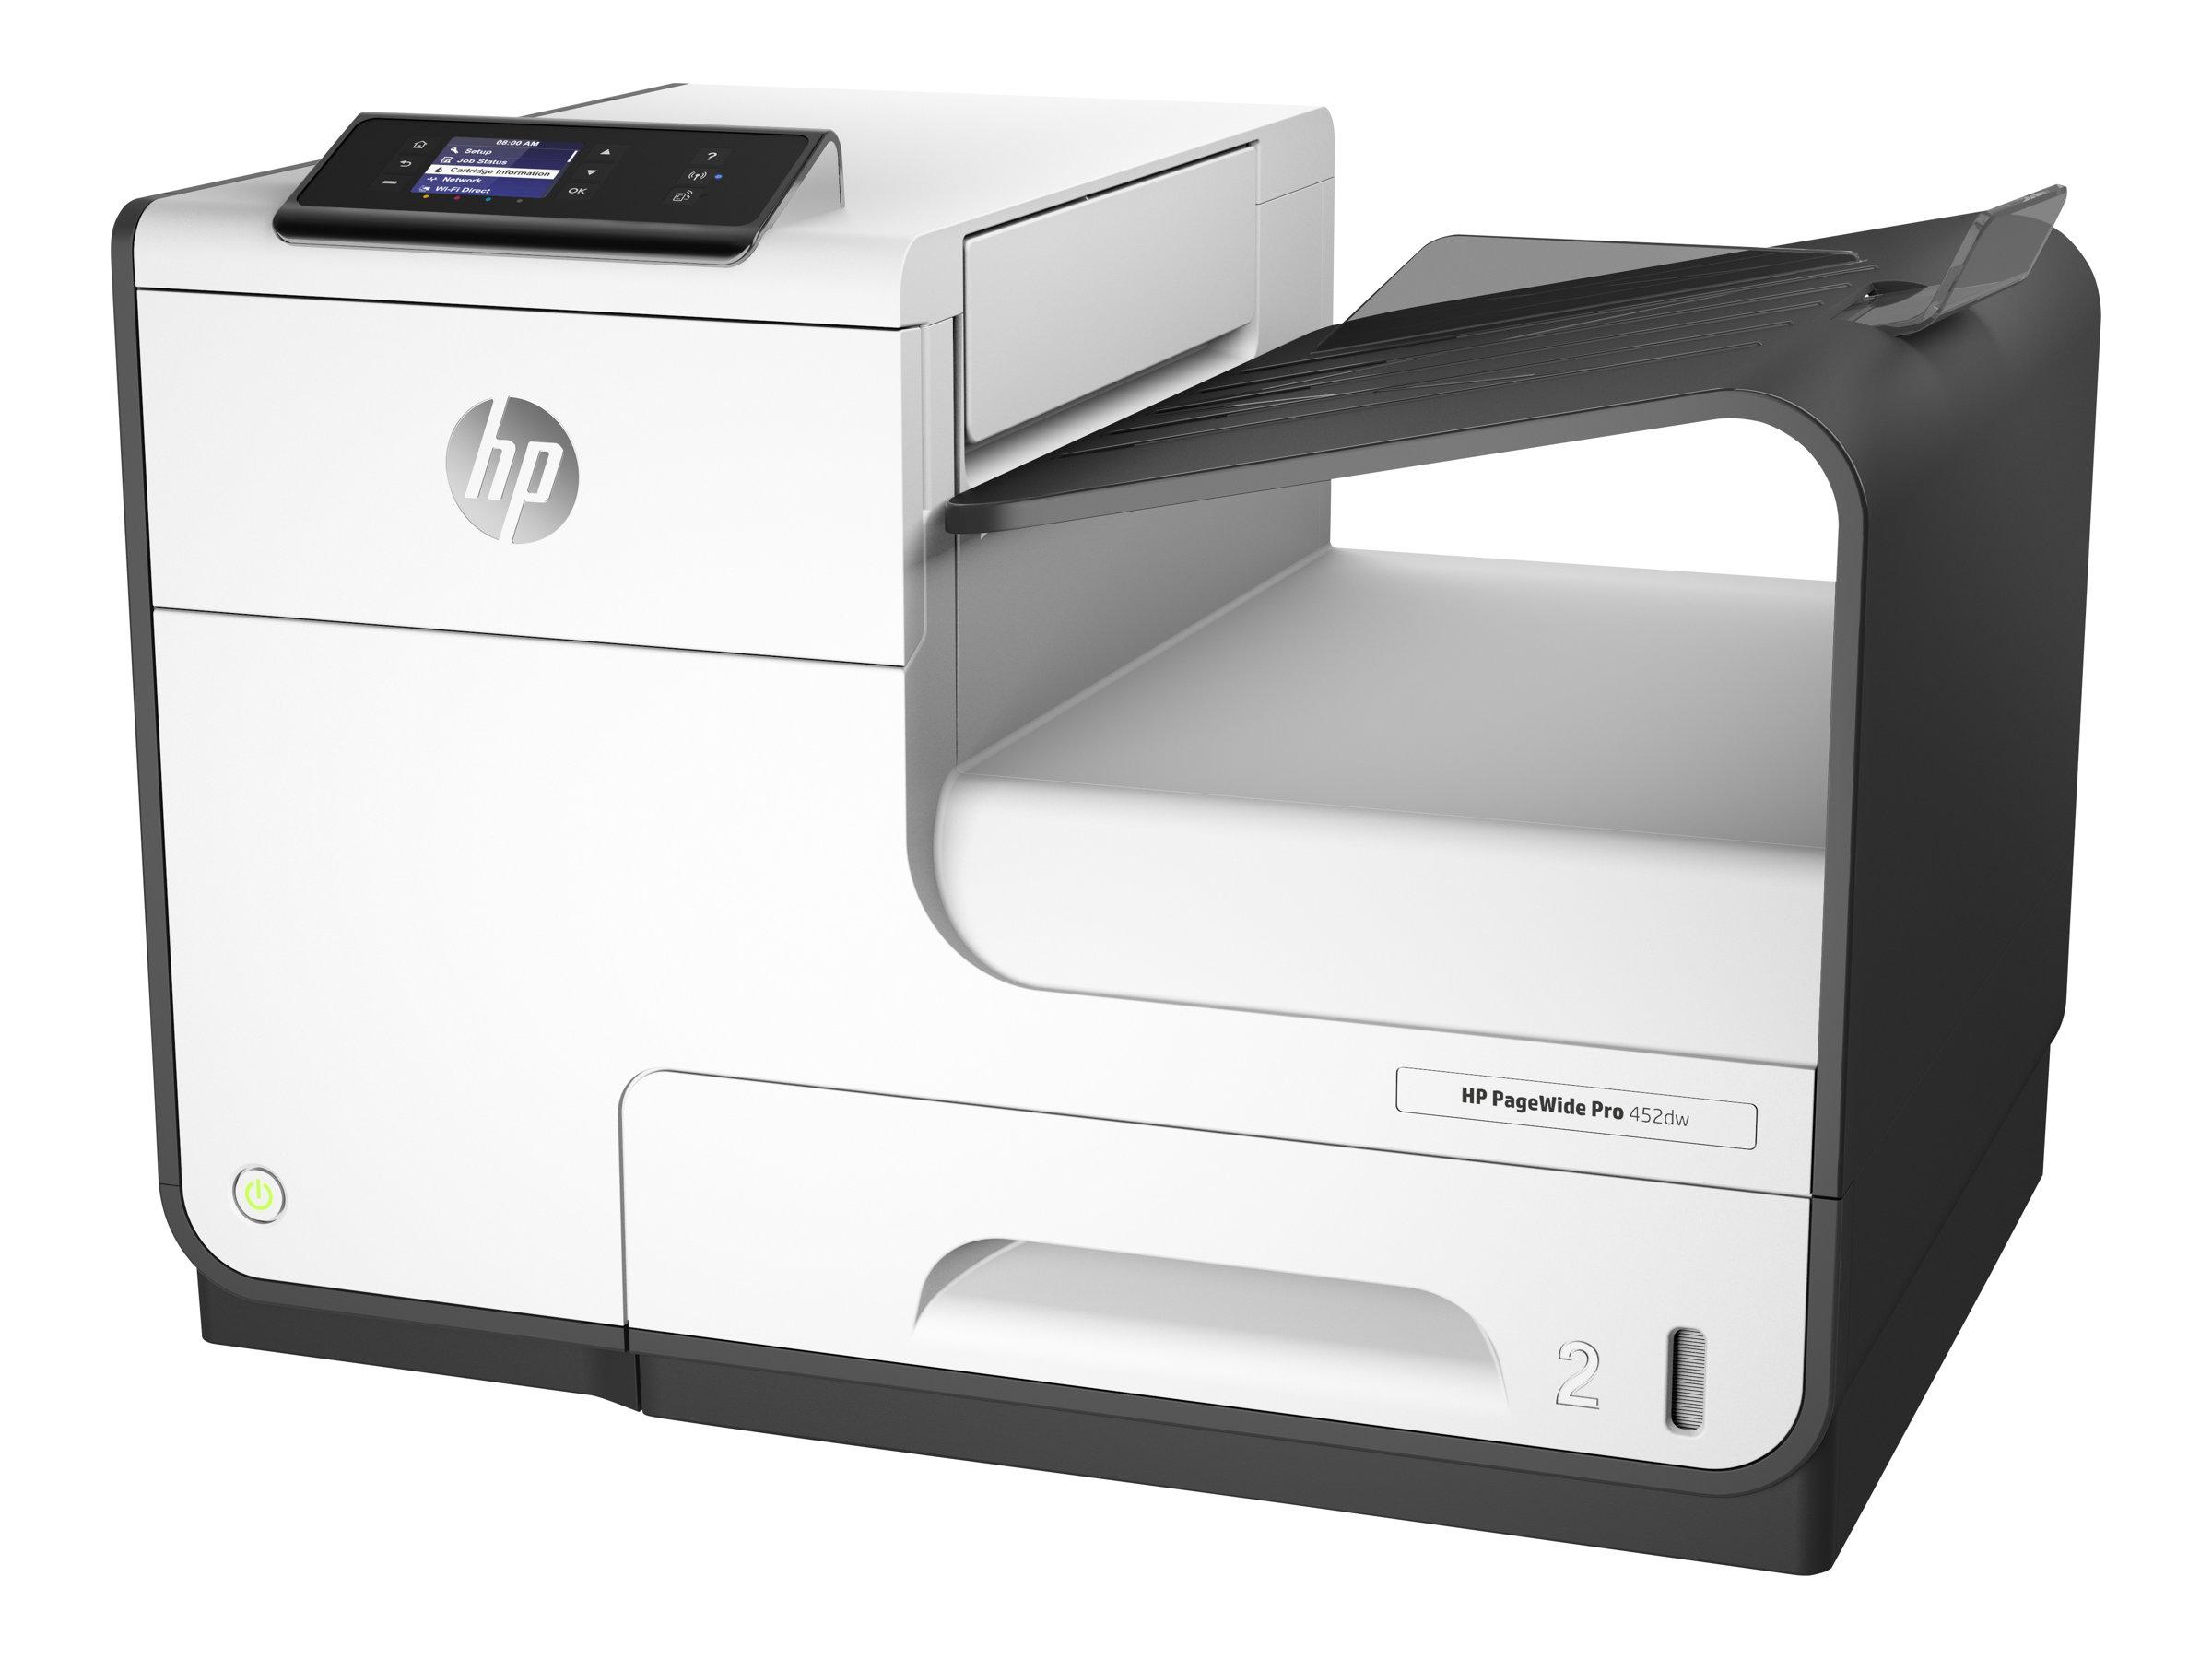 HP PageWide Pro 452dw - Drucker - Farbe - Duplex - seitenbreite Palette - A4/Legal - 1200 x 1200 dpi - bis zu 55 Seiten/Min. (einfarbig)/